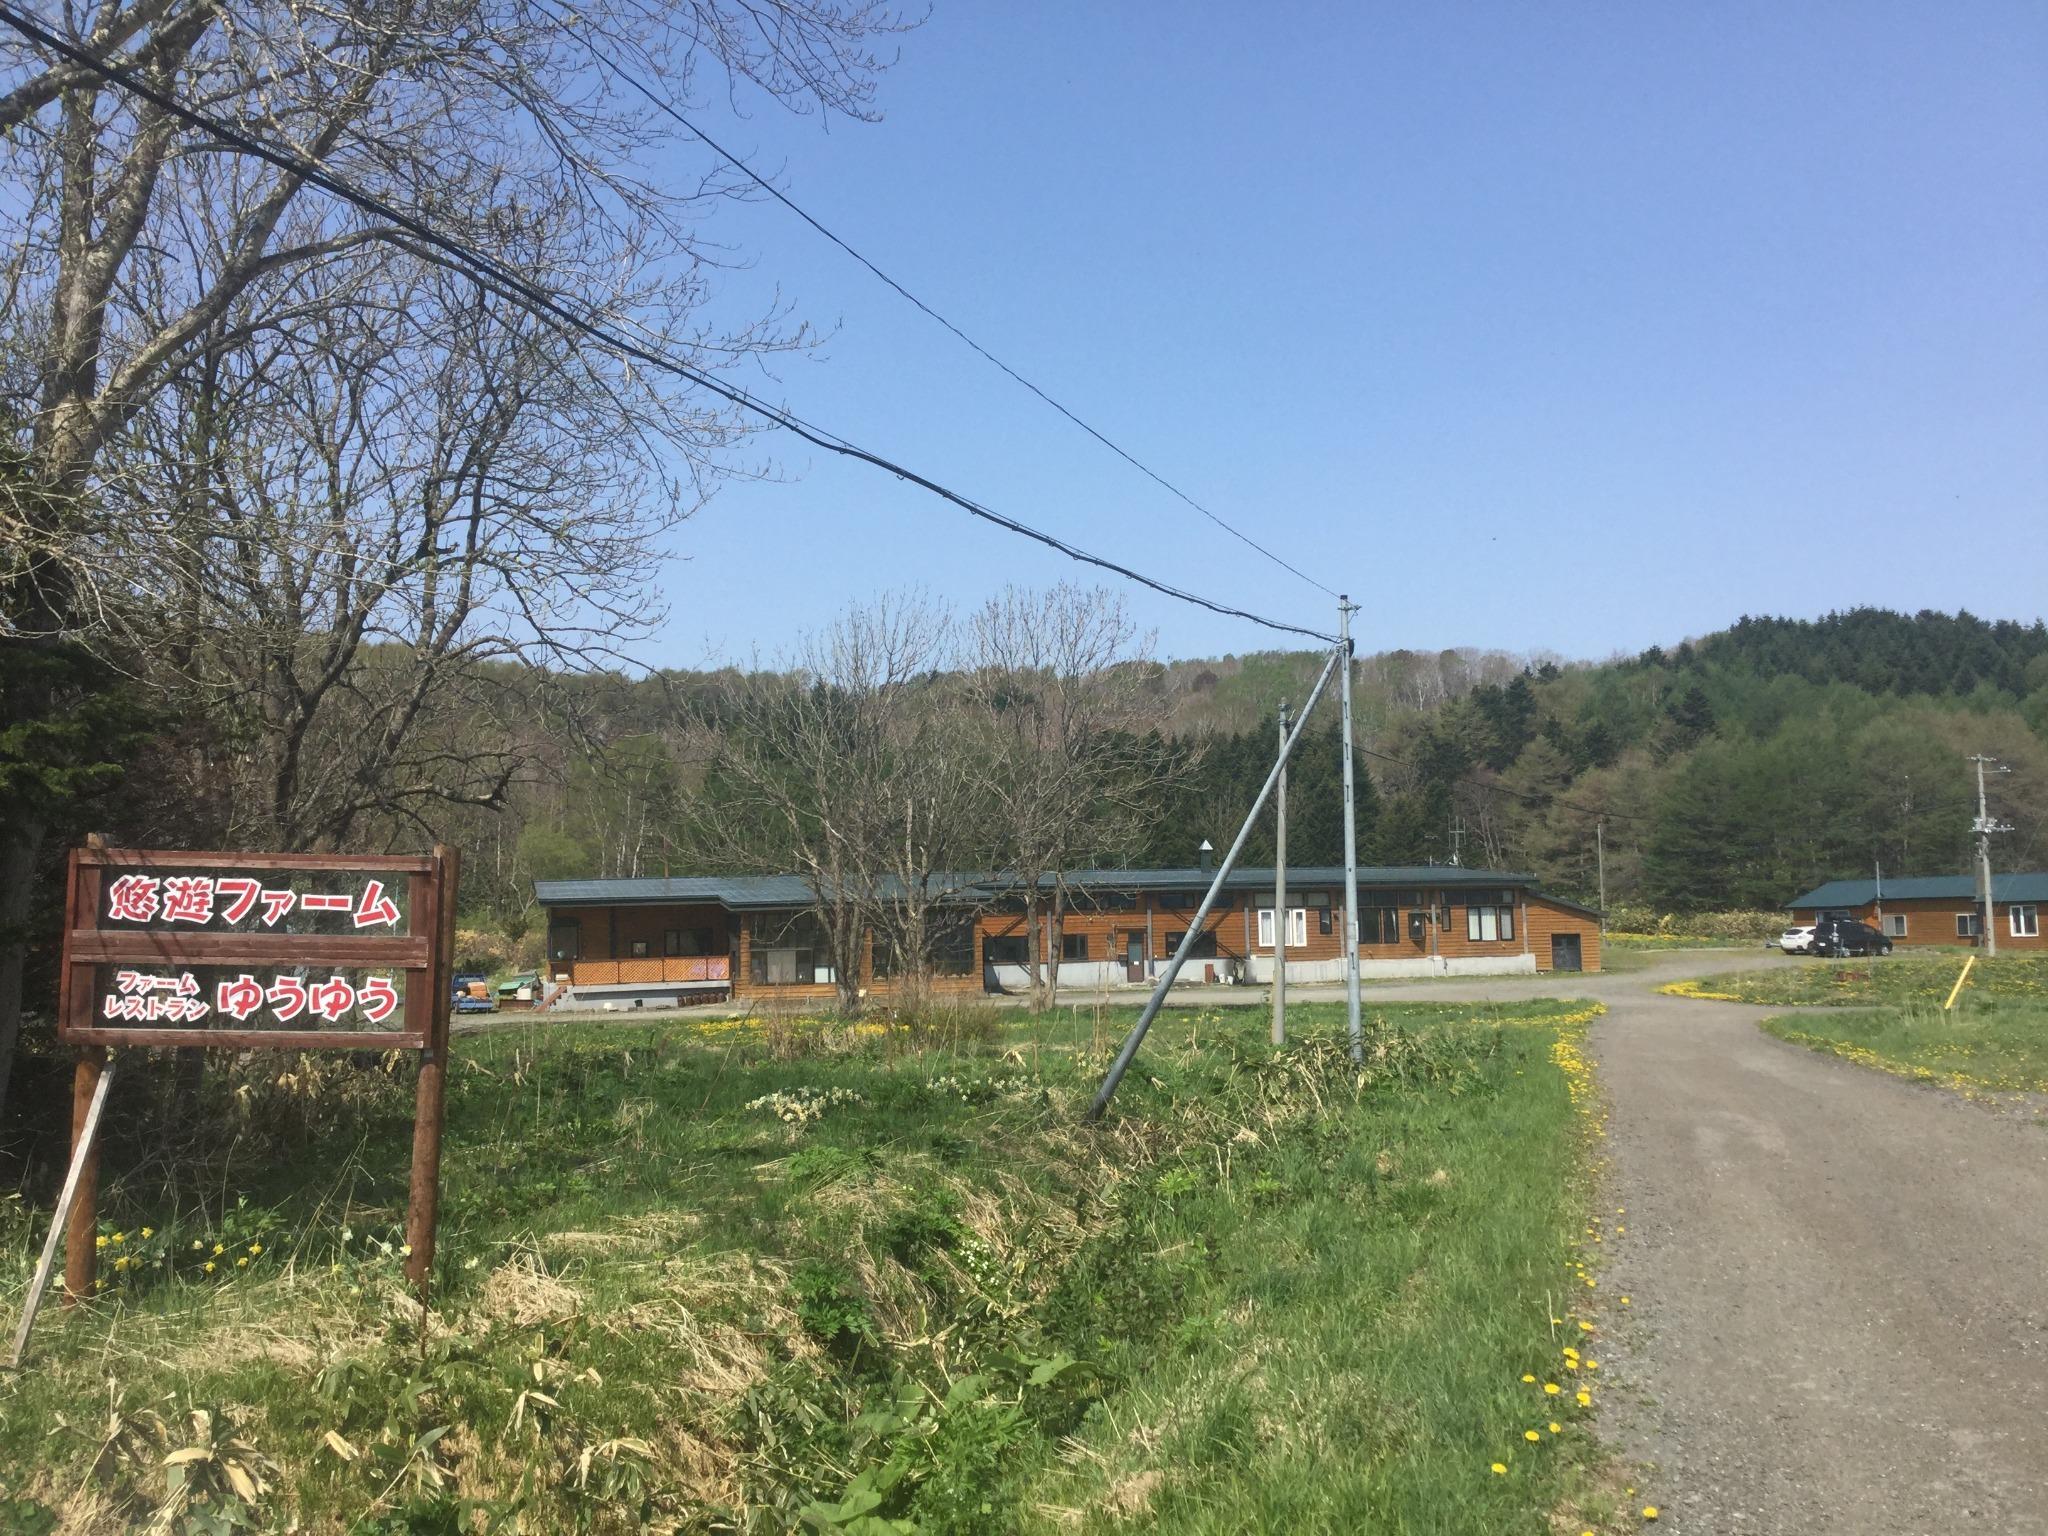 【Entrance to YUYU Farm】